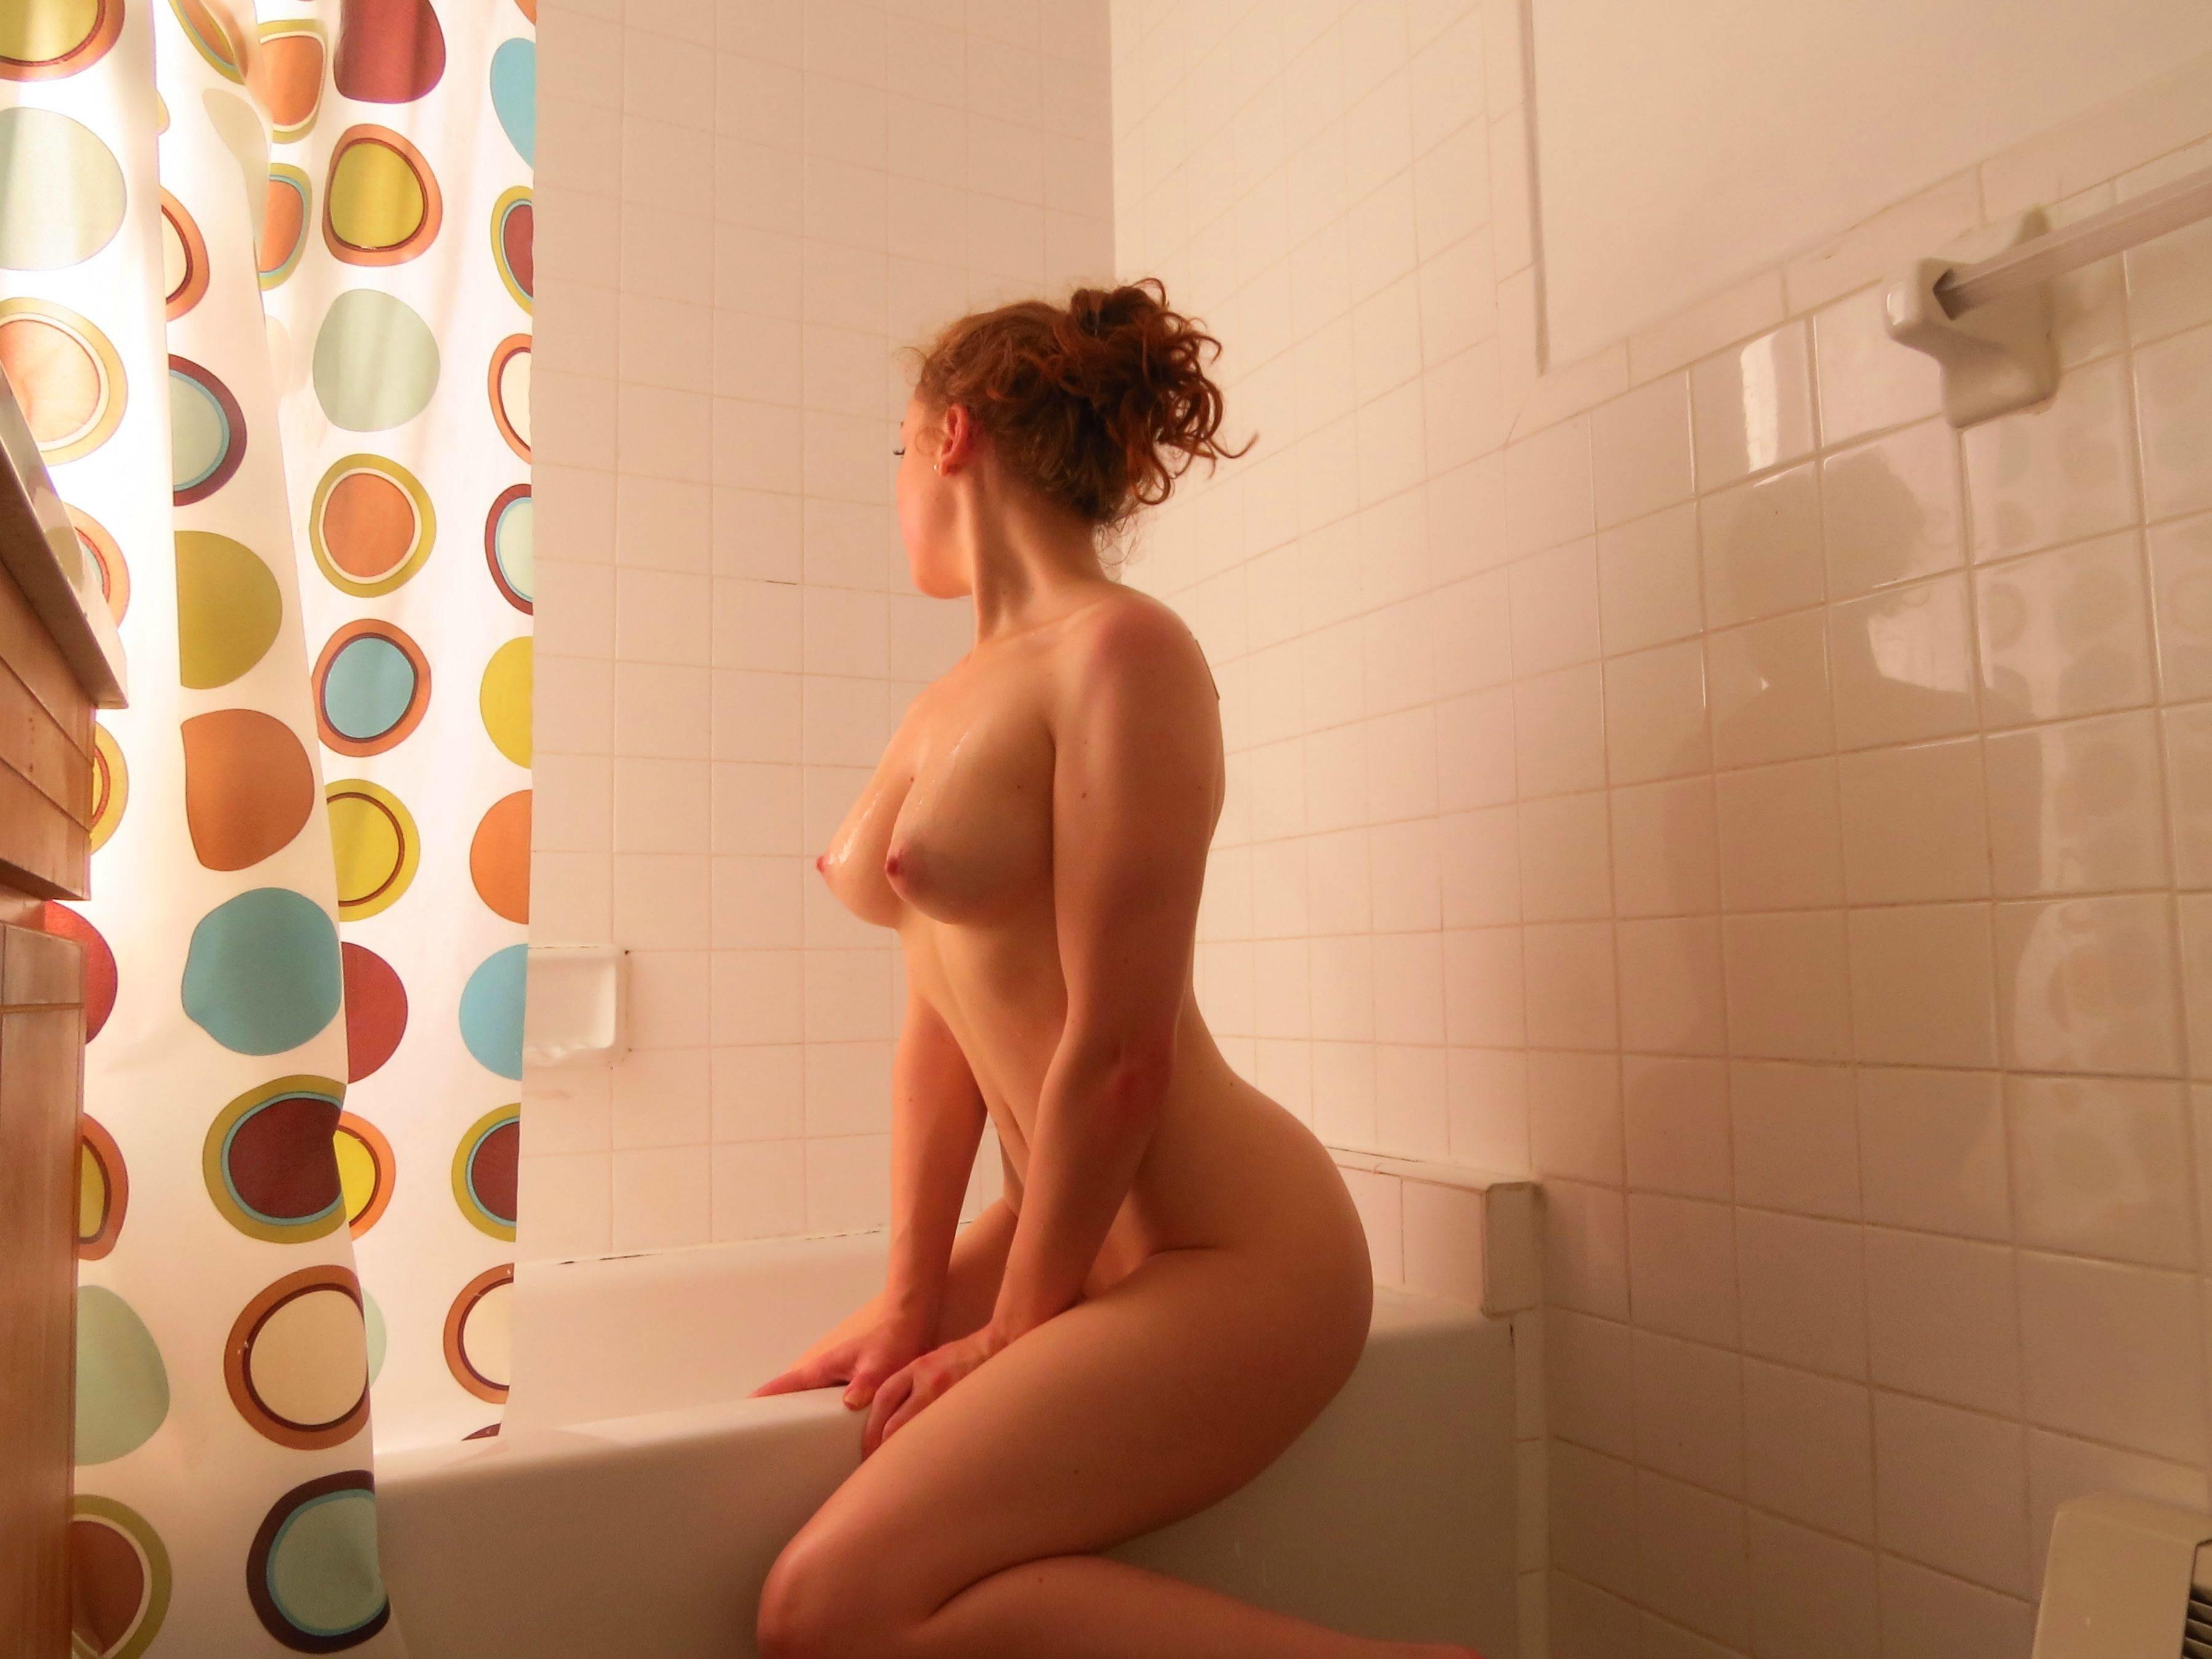 Убирает голой онлайн, Убирается голая дома - видео 13 фотография